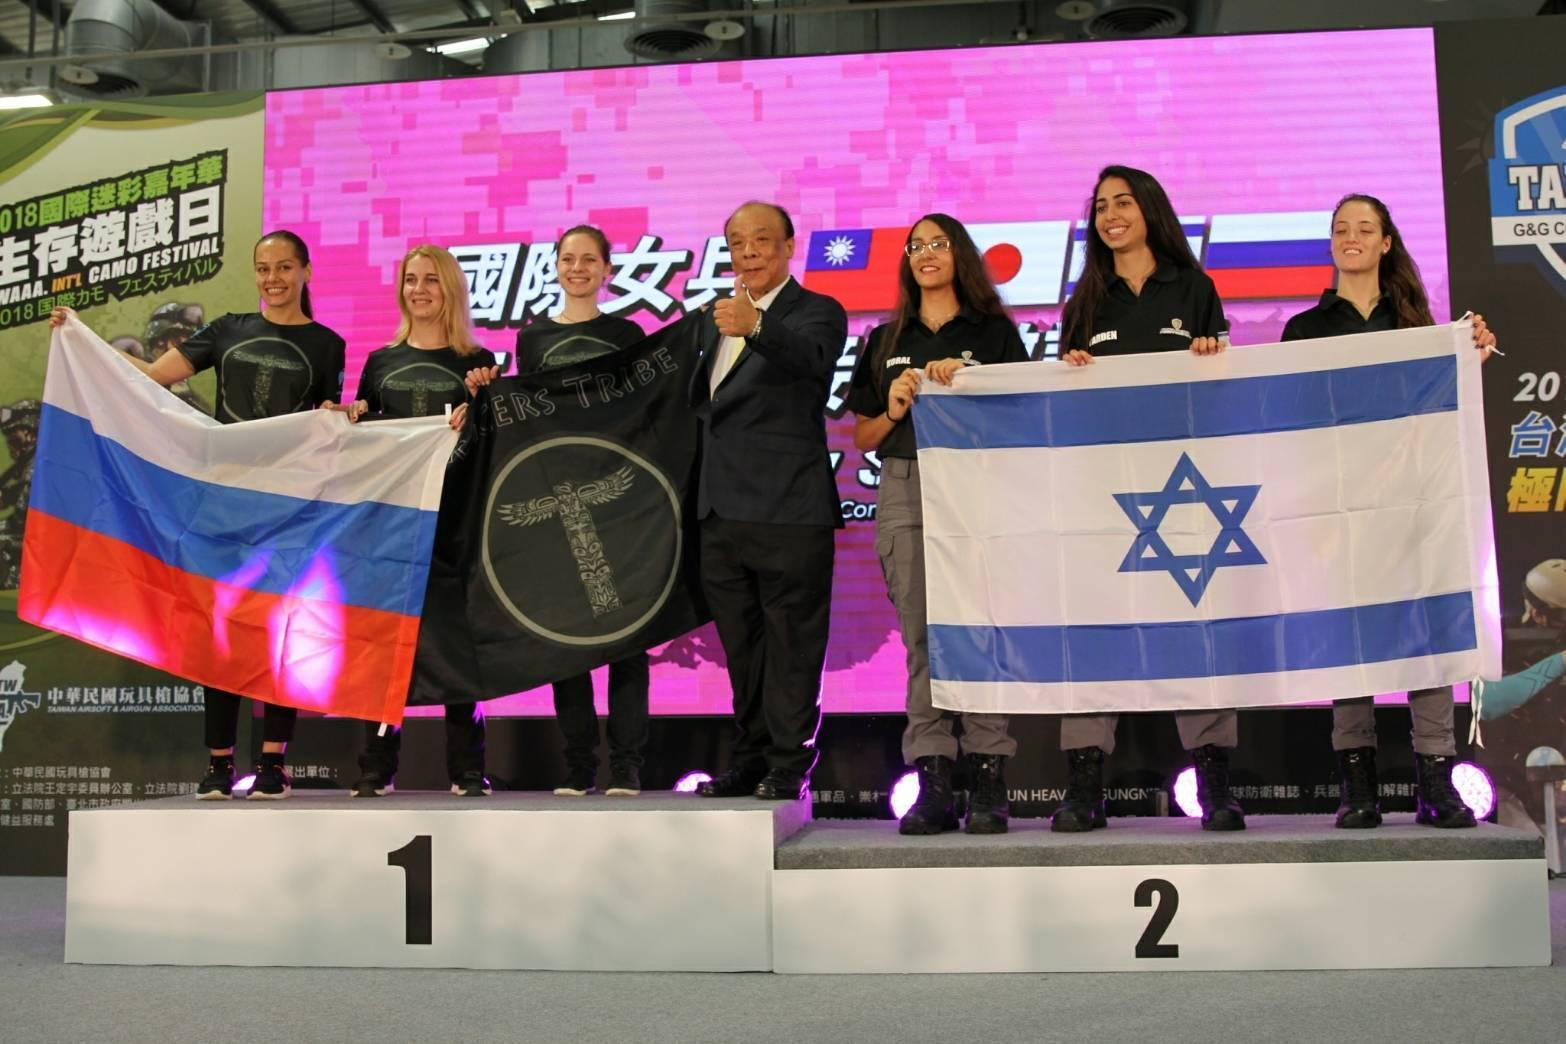 4國女兵射擊賽 她們擊敗以色列奪冠